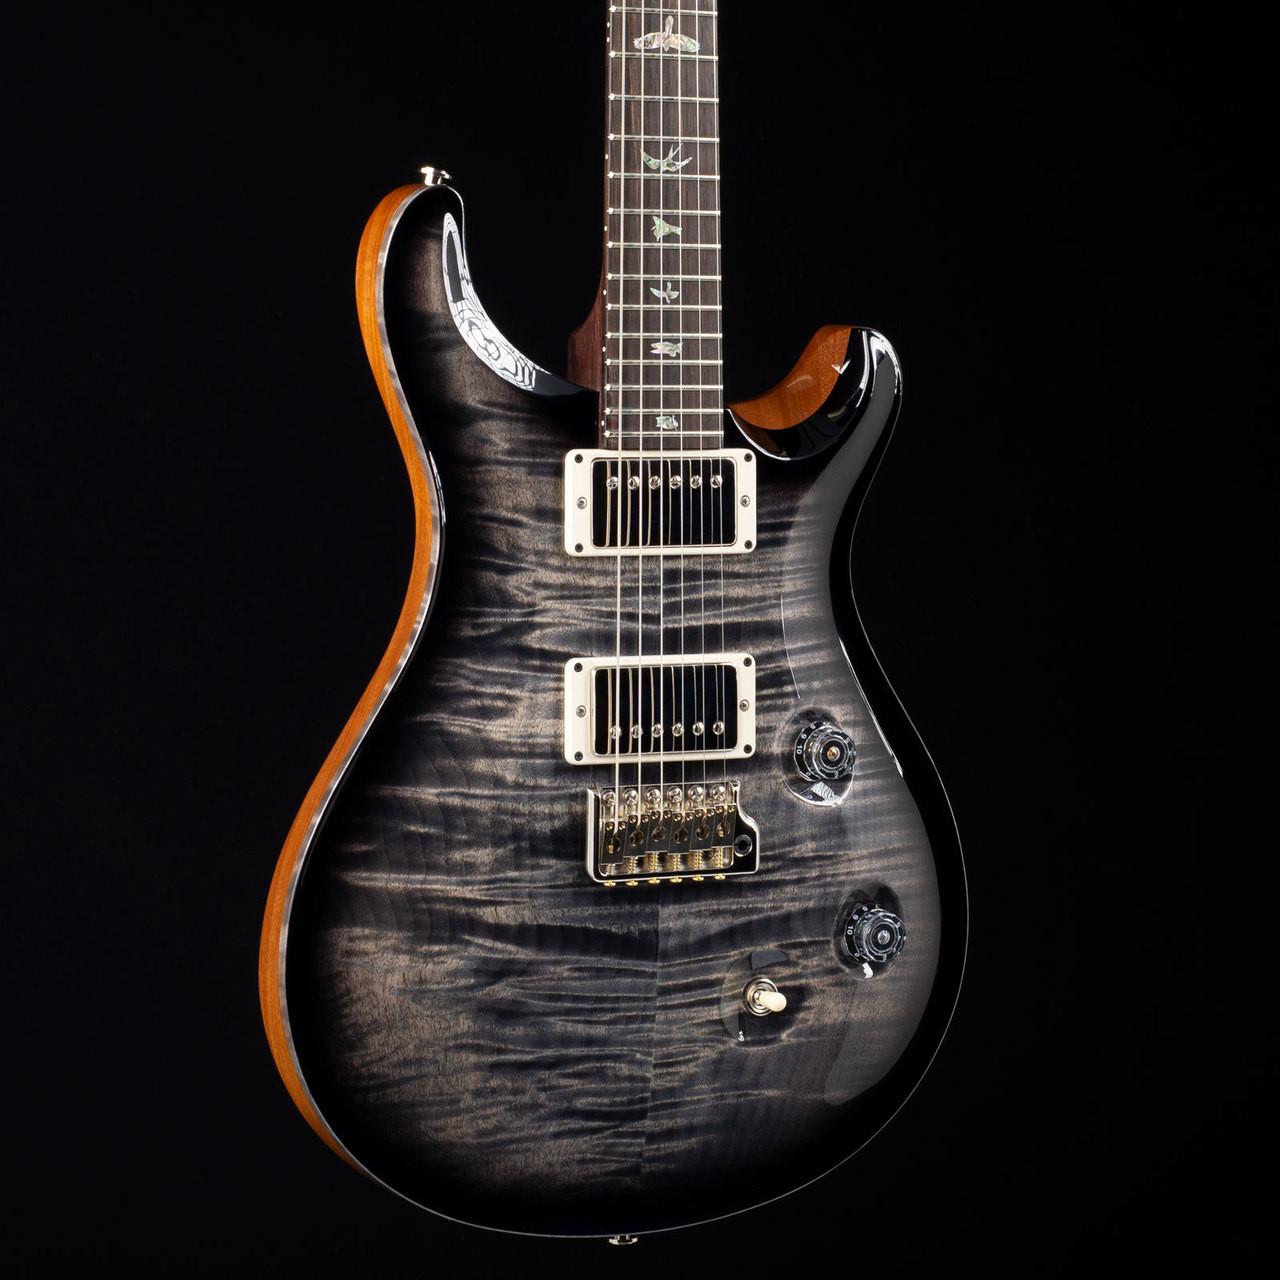 Prs Custom 24 10 Top : prs custom 24 10 top rosewood neck wood library 3256 at moore guitars ~ Russianpoet.info Haus und Dekorationen